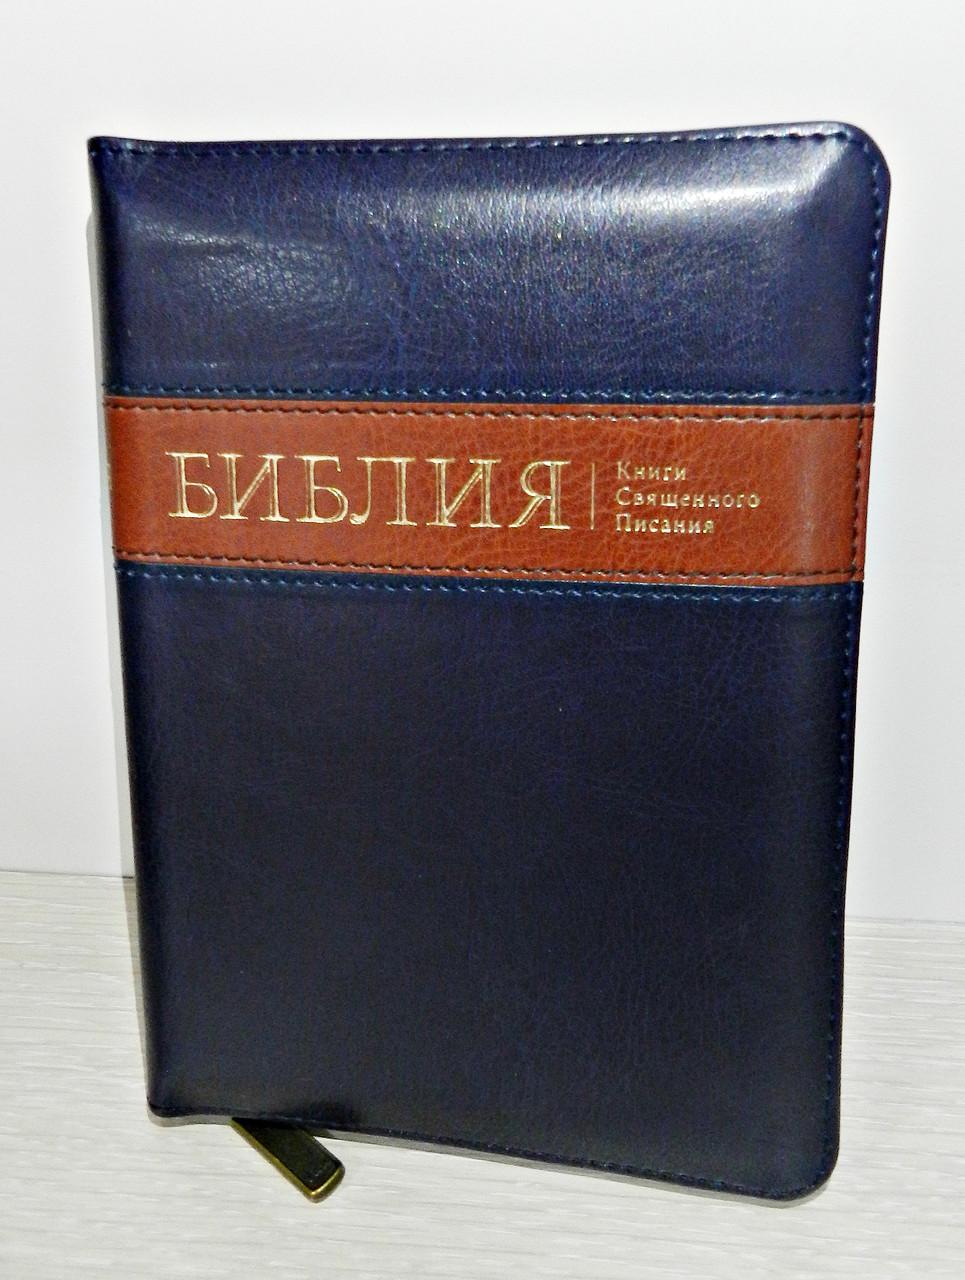 Библия, 13,5х18,5 см, темно-синяя с коричневой вставкой